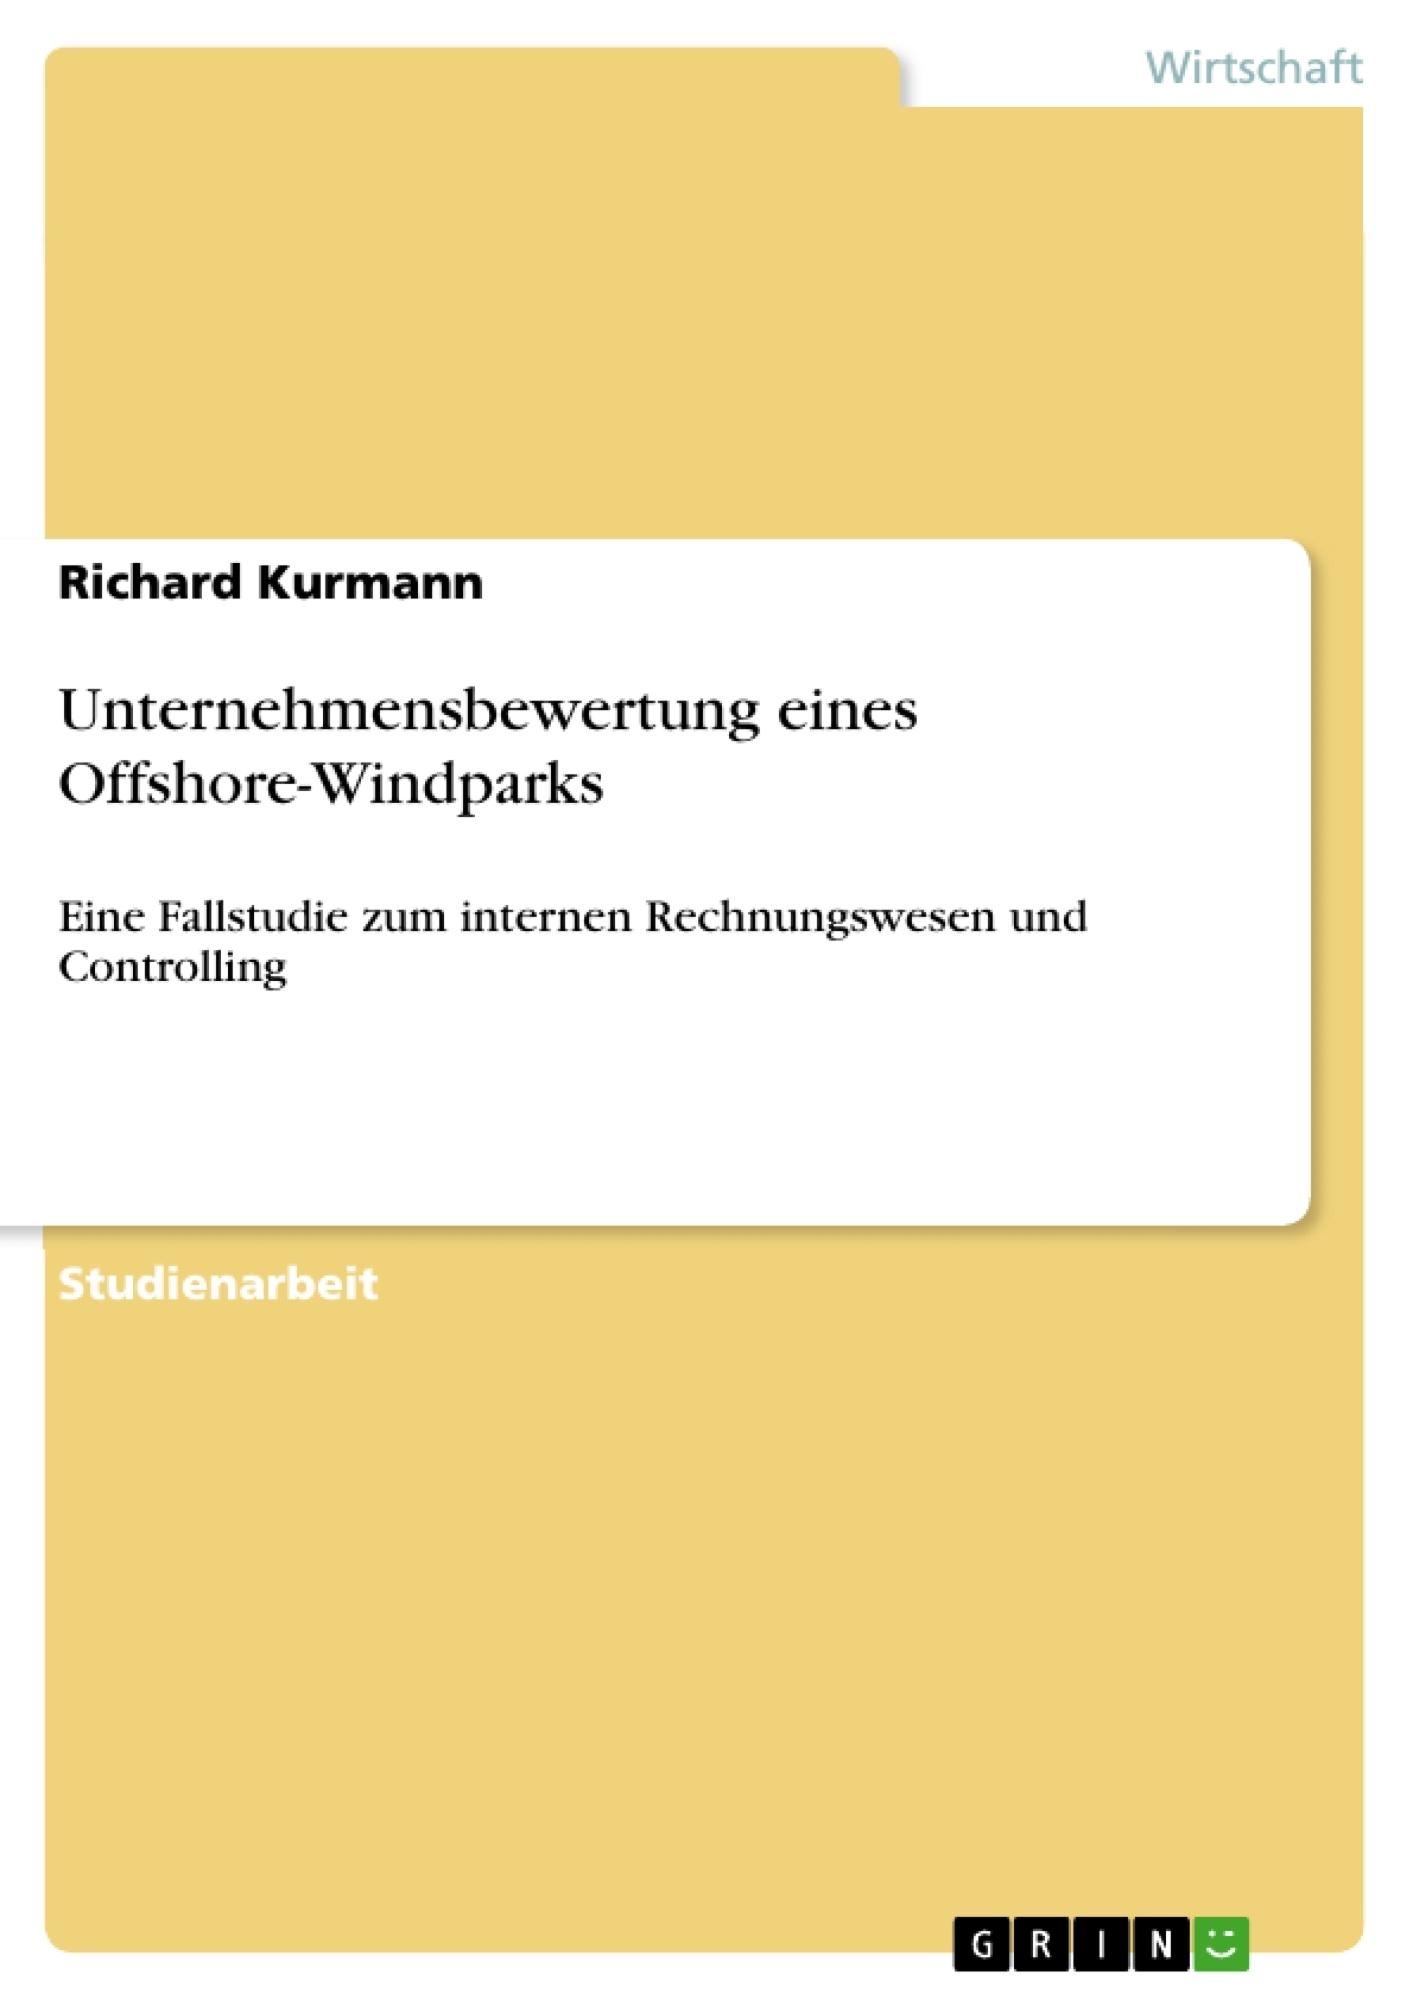 Titel: Unternehmensbewertung eines Offshore-Windparks